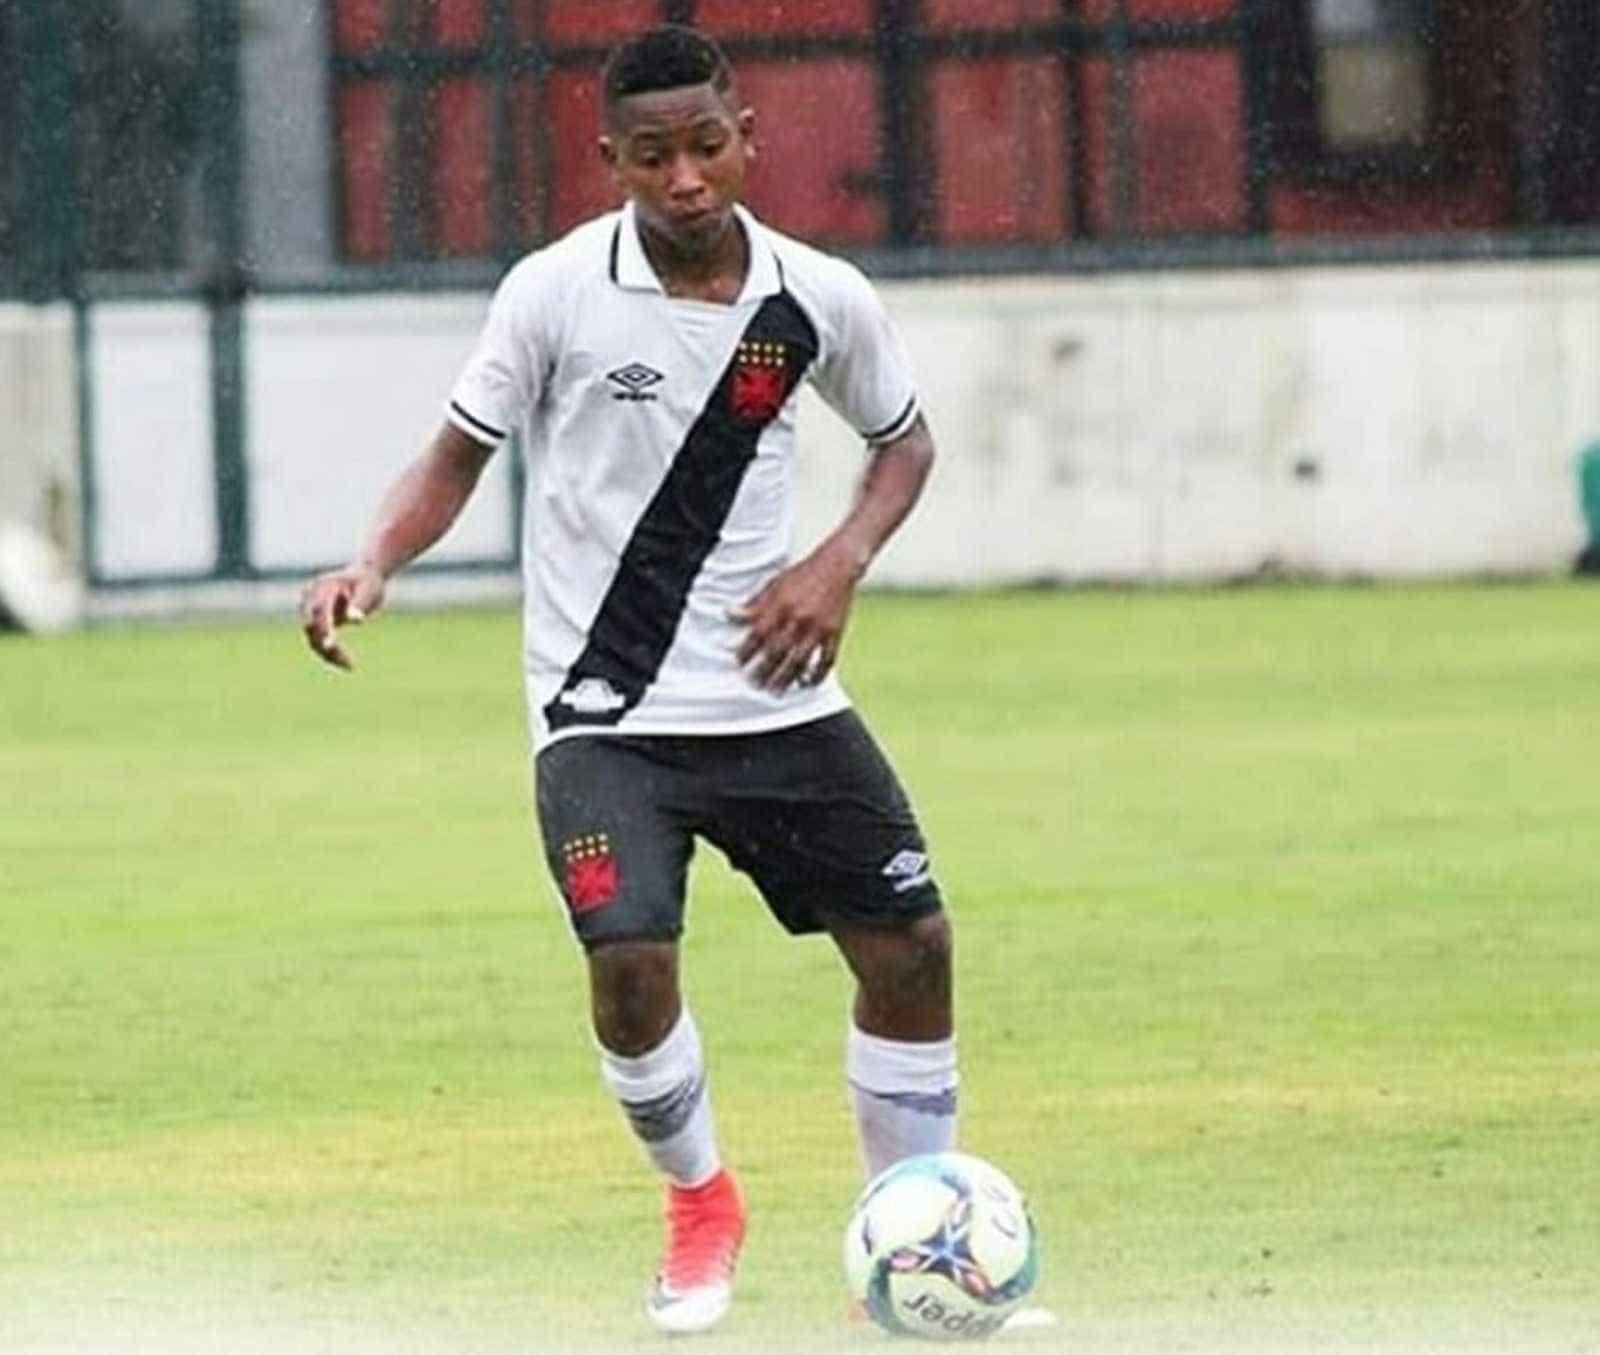 Morre jogador do Vasco de apenas 14 anos, vítima de câncer ósseo